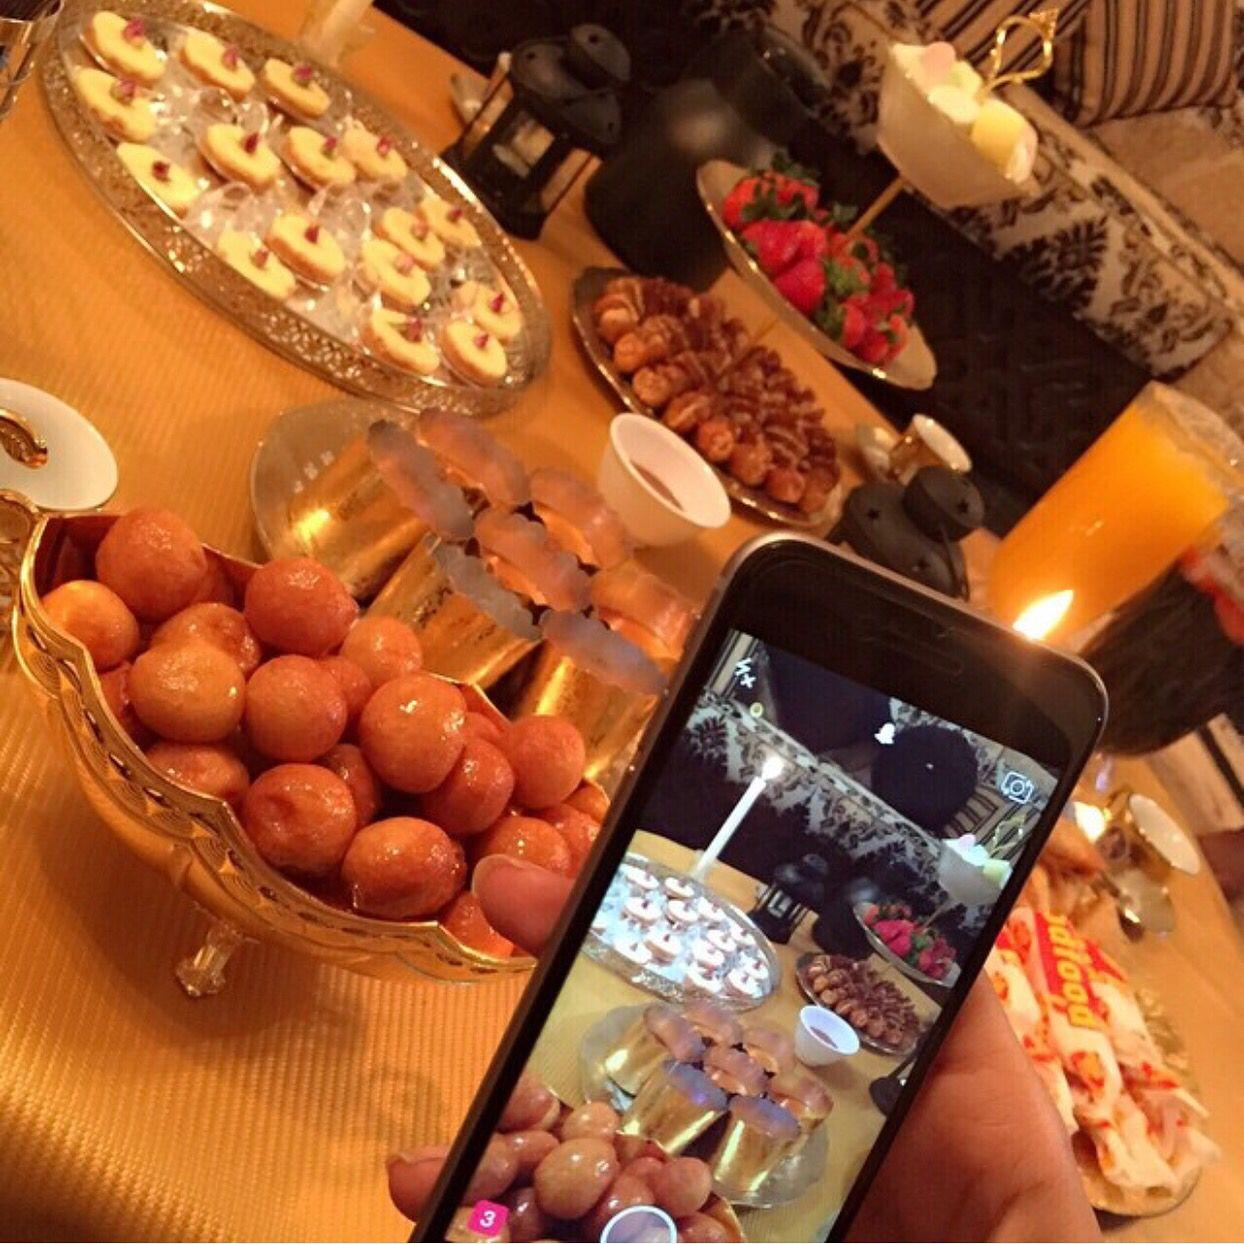 تقبل الله طاعاتكم Toty0089 شاركتنا فطورها المرتب اليوم ايش السحور المفضل في رمضان اعمل لنا تاج على فطور و سحور رمضان رمضان Snap Food Ramadan Recipes Food